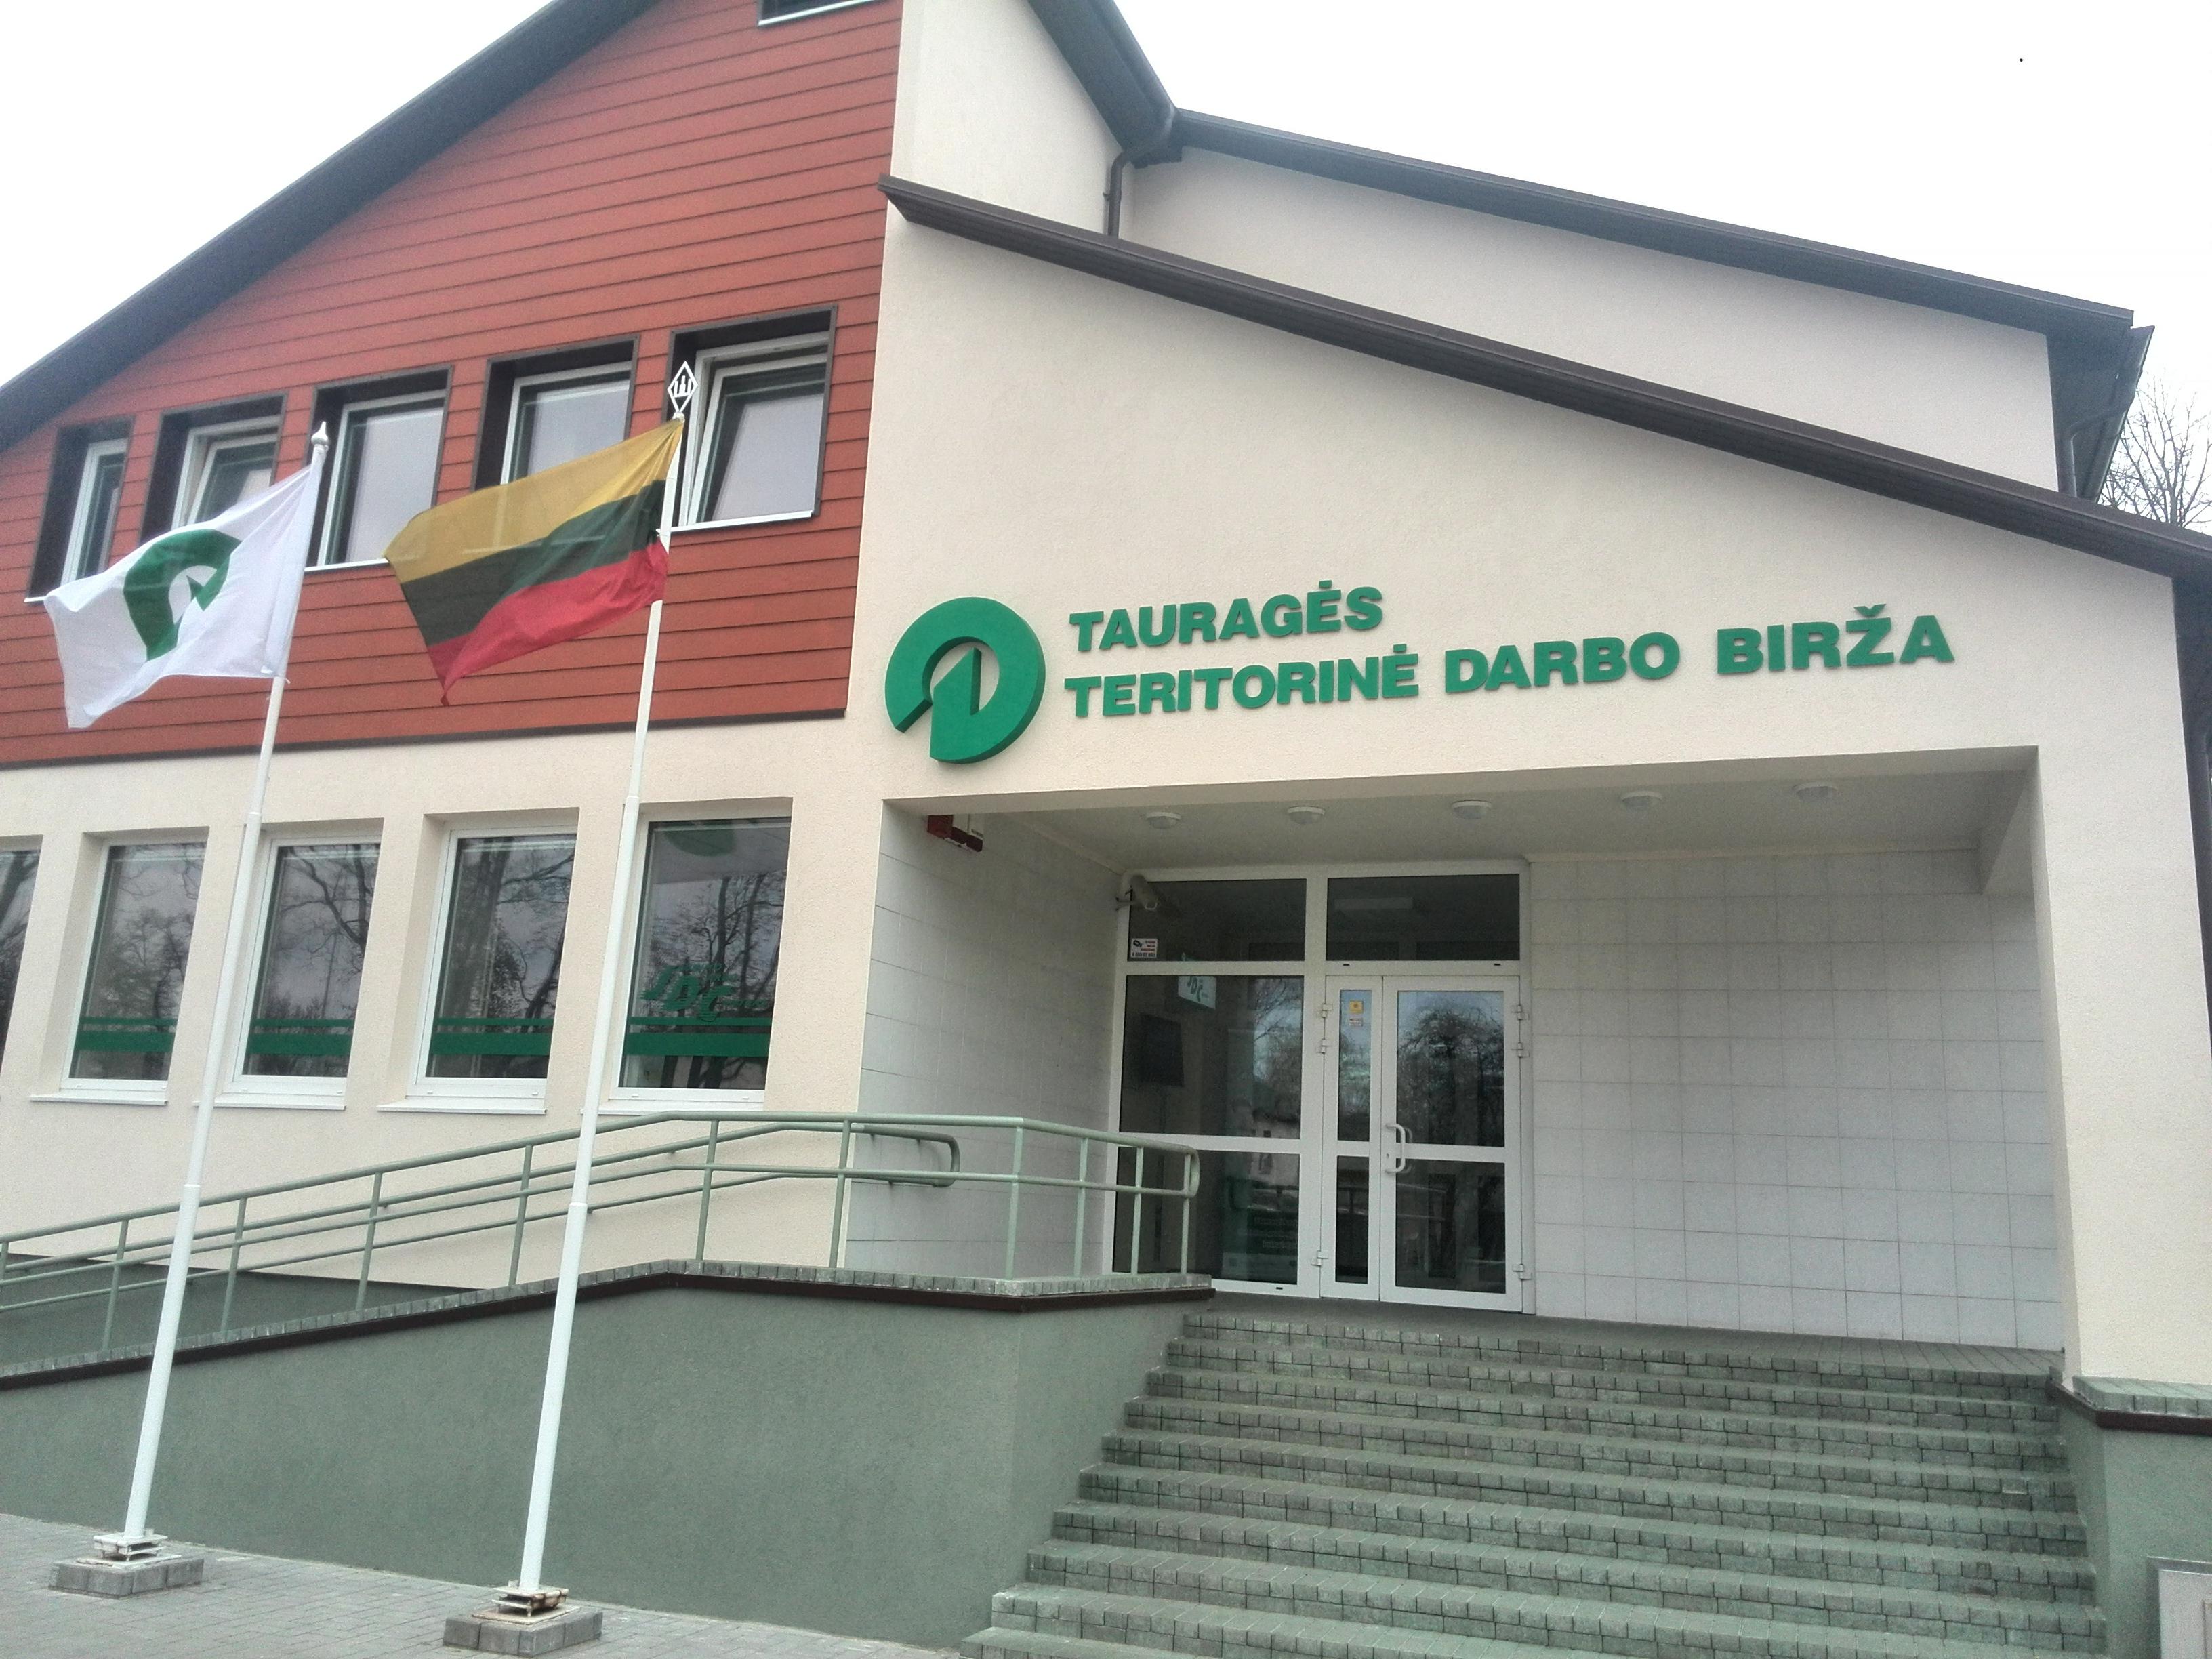 Tauragės teritorinė darbo birža darbdavius kviečia pasinaudoti profesinio mokymo programa